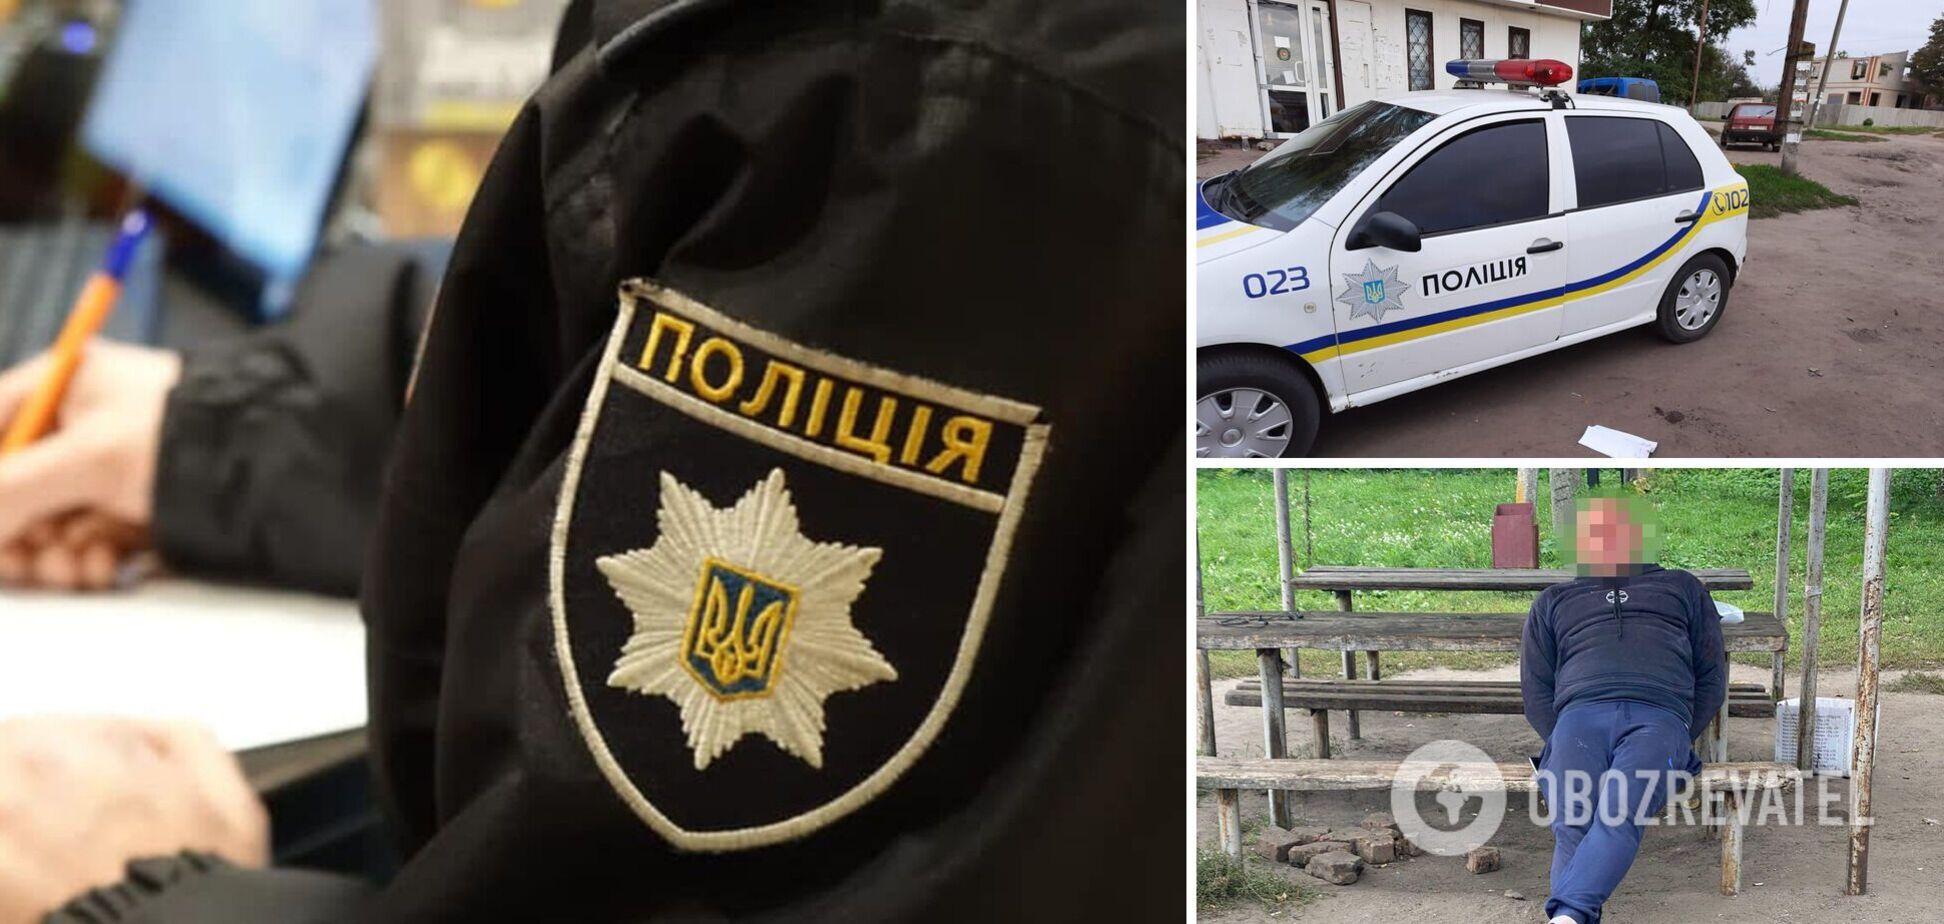 Ударив у чоло: під Харковом п'яний неадекват побив поліцейського. Фото